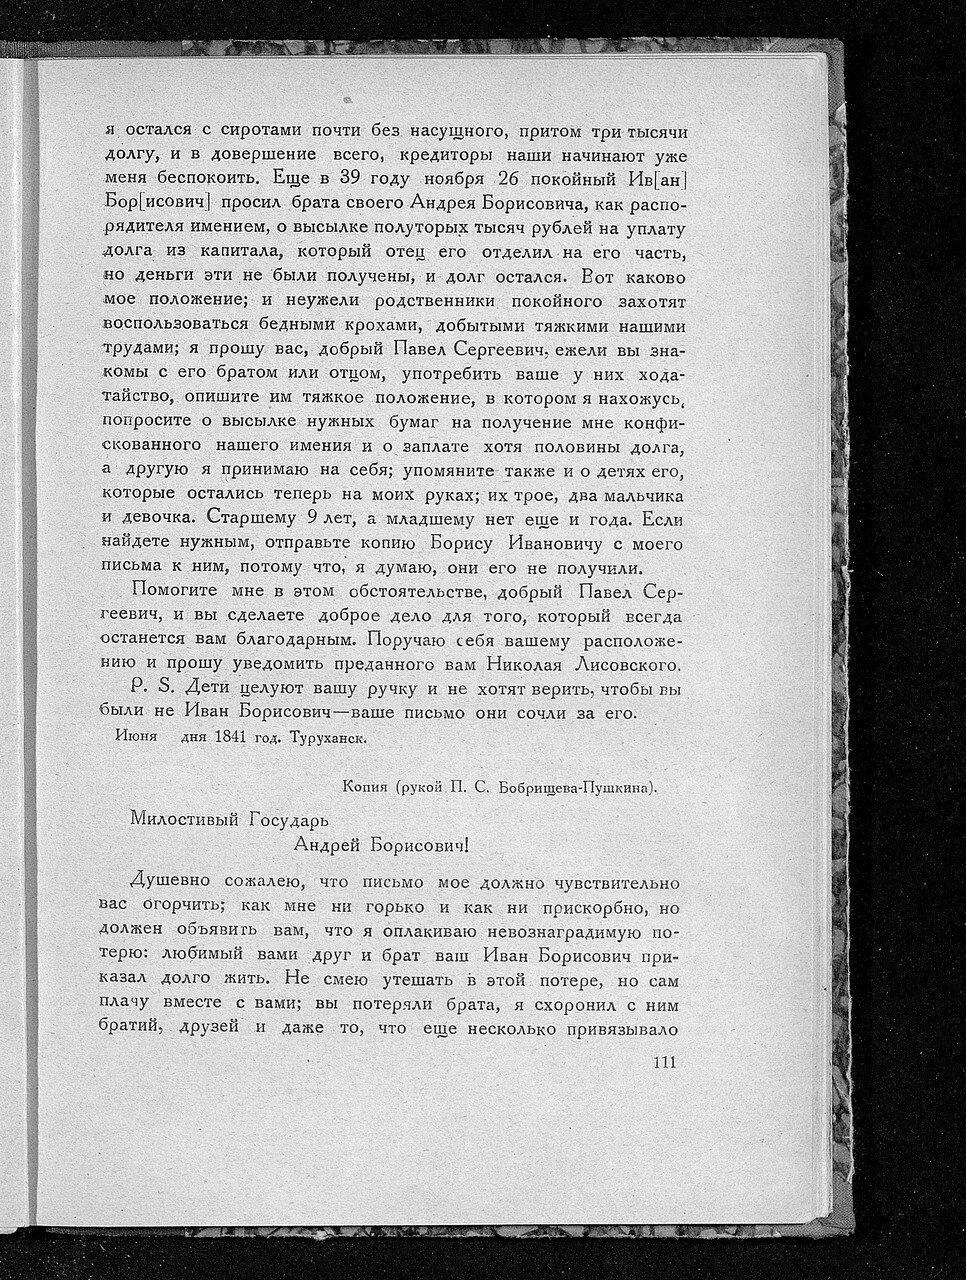 https://img-fotki.yandex.ru/get/962386/199368979.a2/0_21436a_70ef6a4c_XXXL.jpg